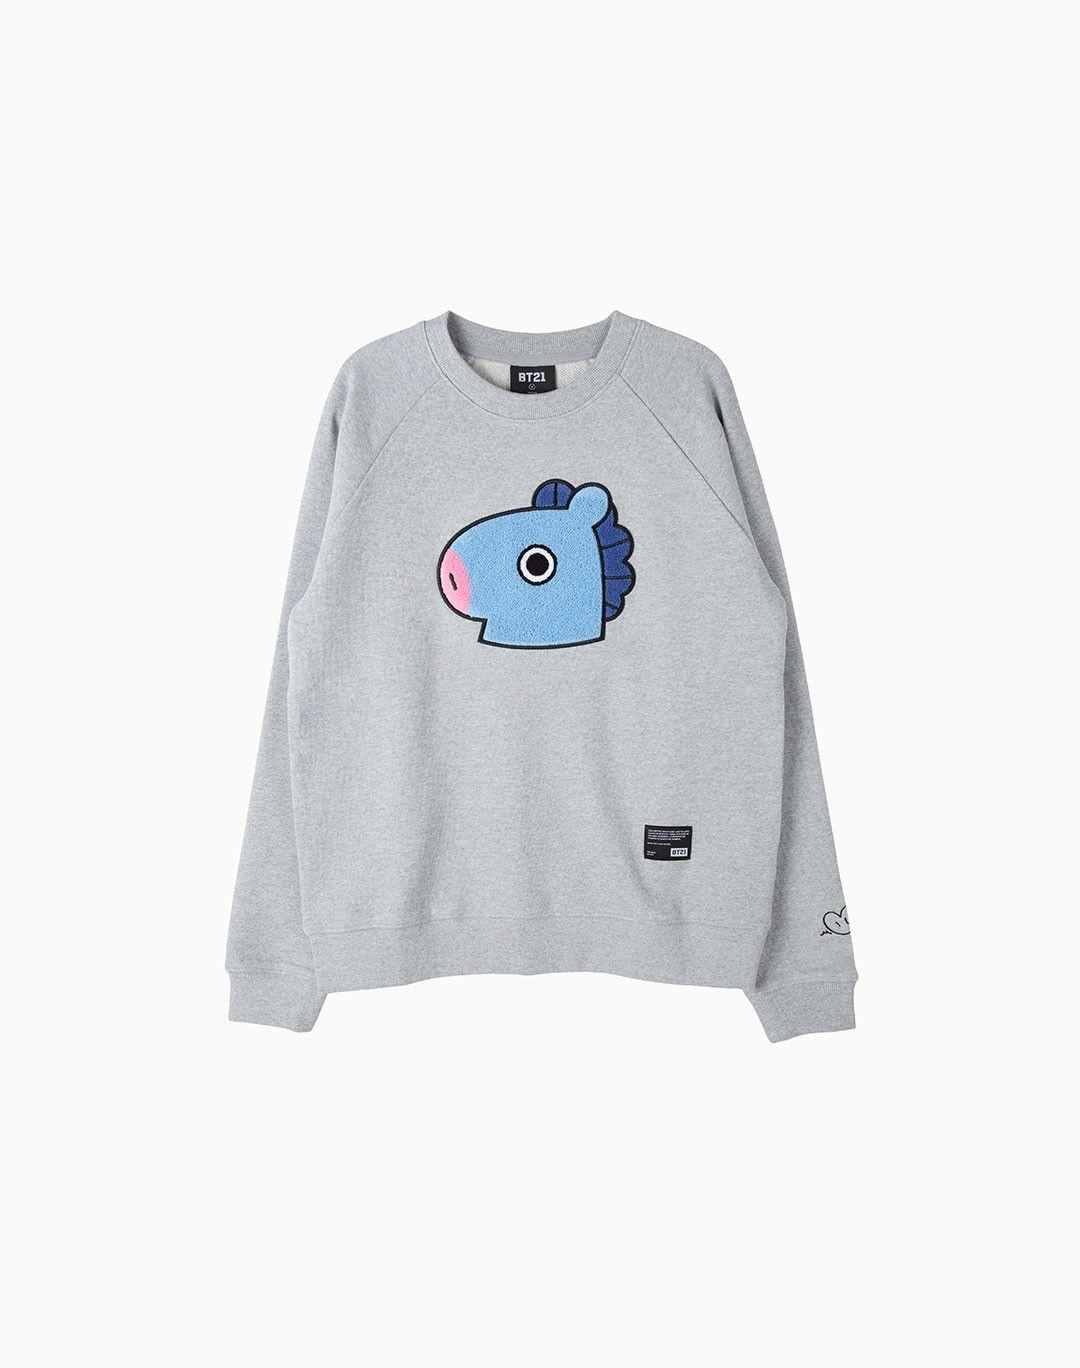 BT21 #MANG🌻SHIRT | BT21 | Bts clothing, Bts shirt, Kpop outfits